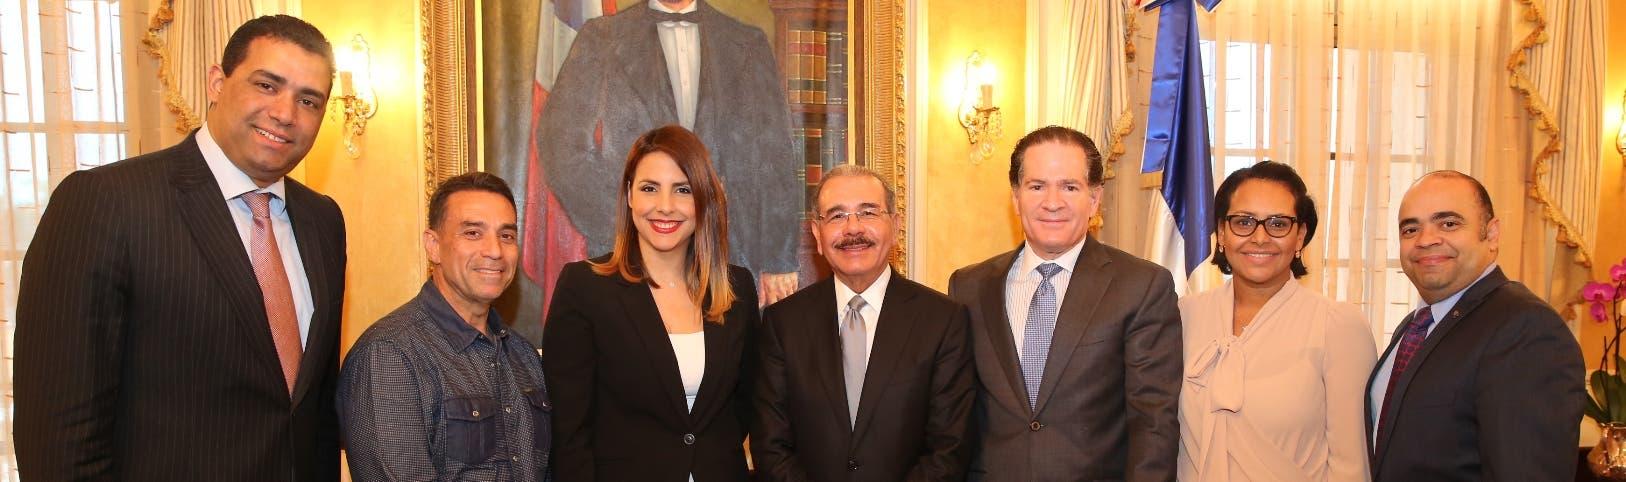 Marco Herrera, Archie López, Laura Castellanos, Danilo Medina, Manuel Corripio, Zumaya Cordero y Omar de la Cruz.